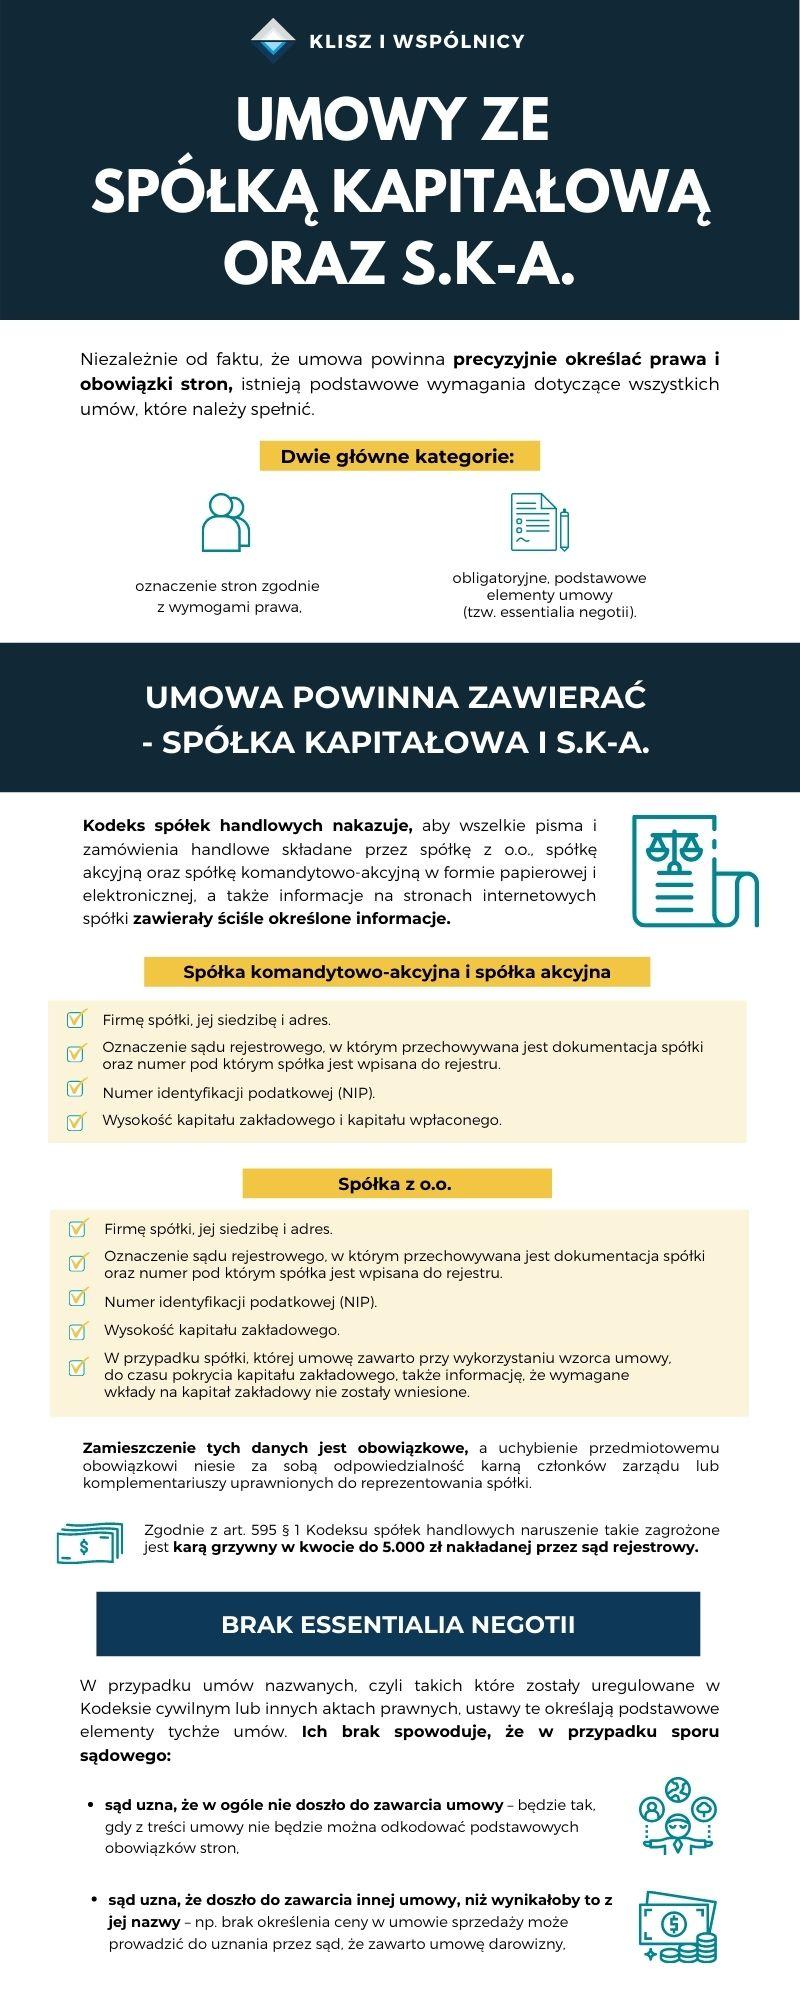 umowy ze spółka kapitałowa i S.K-A.